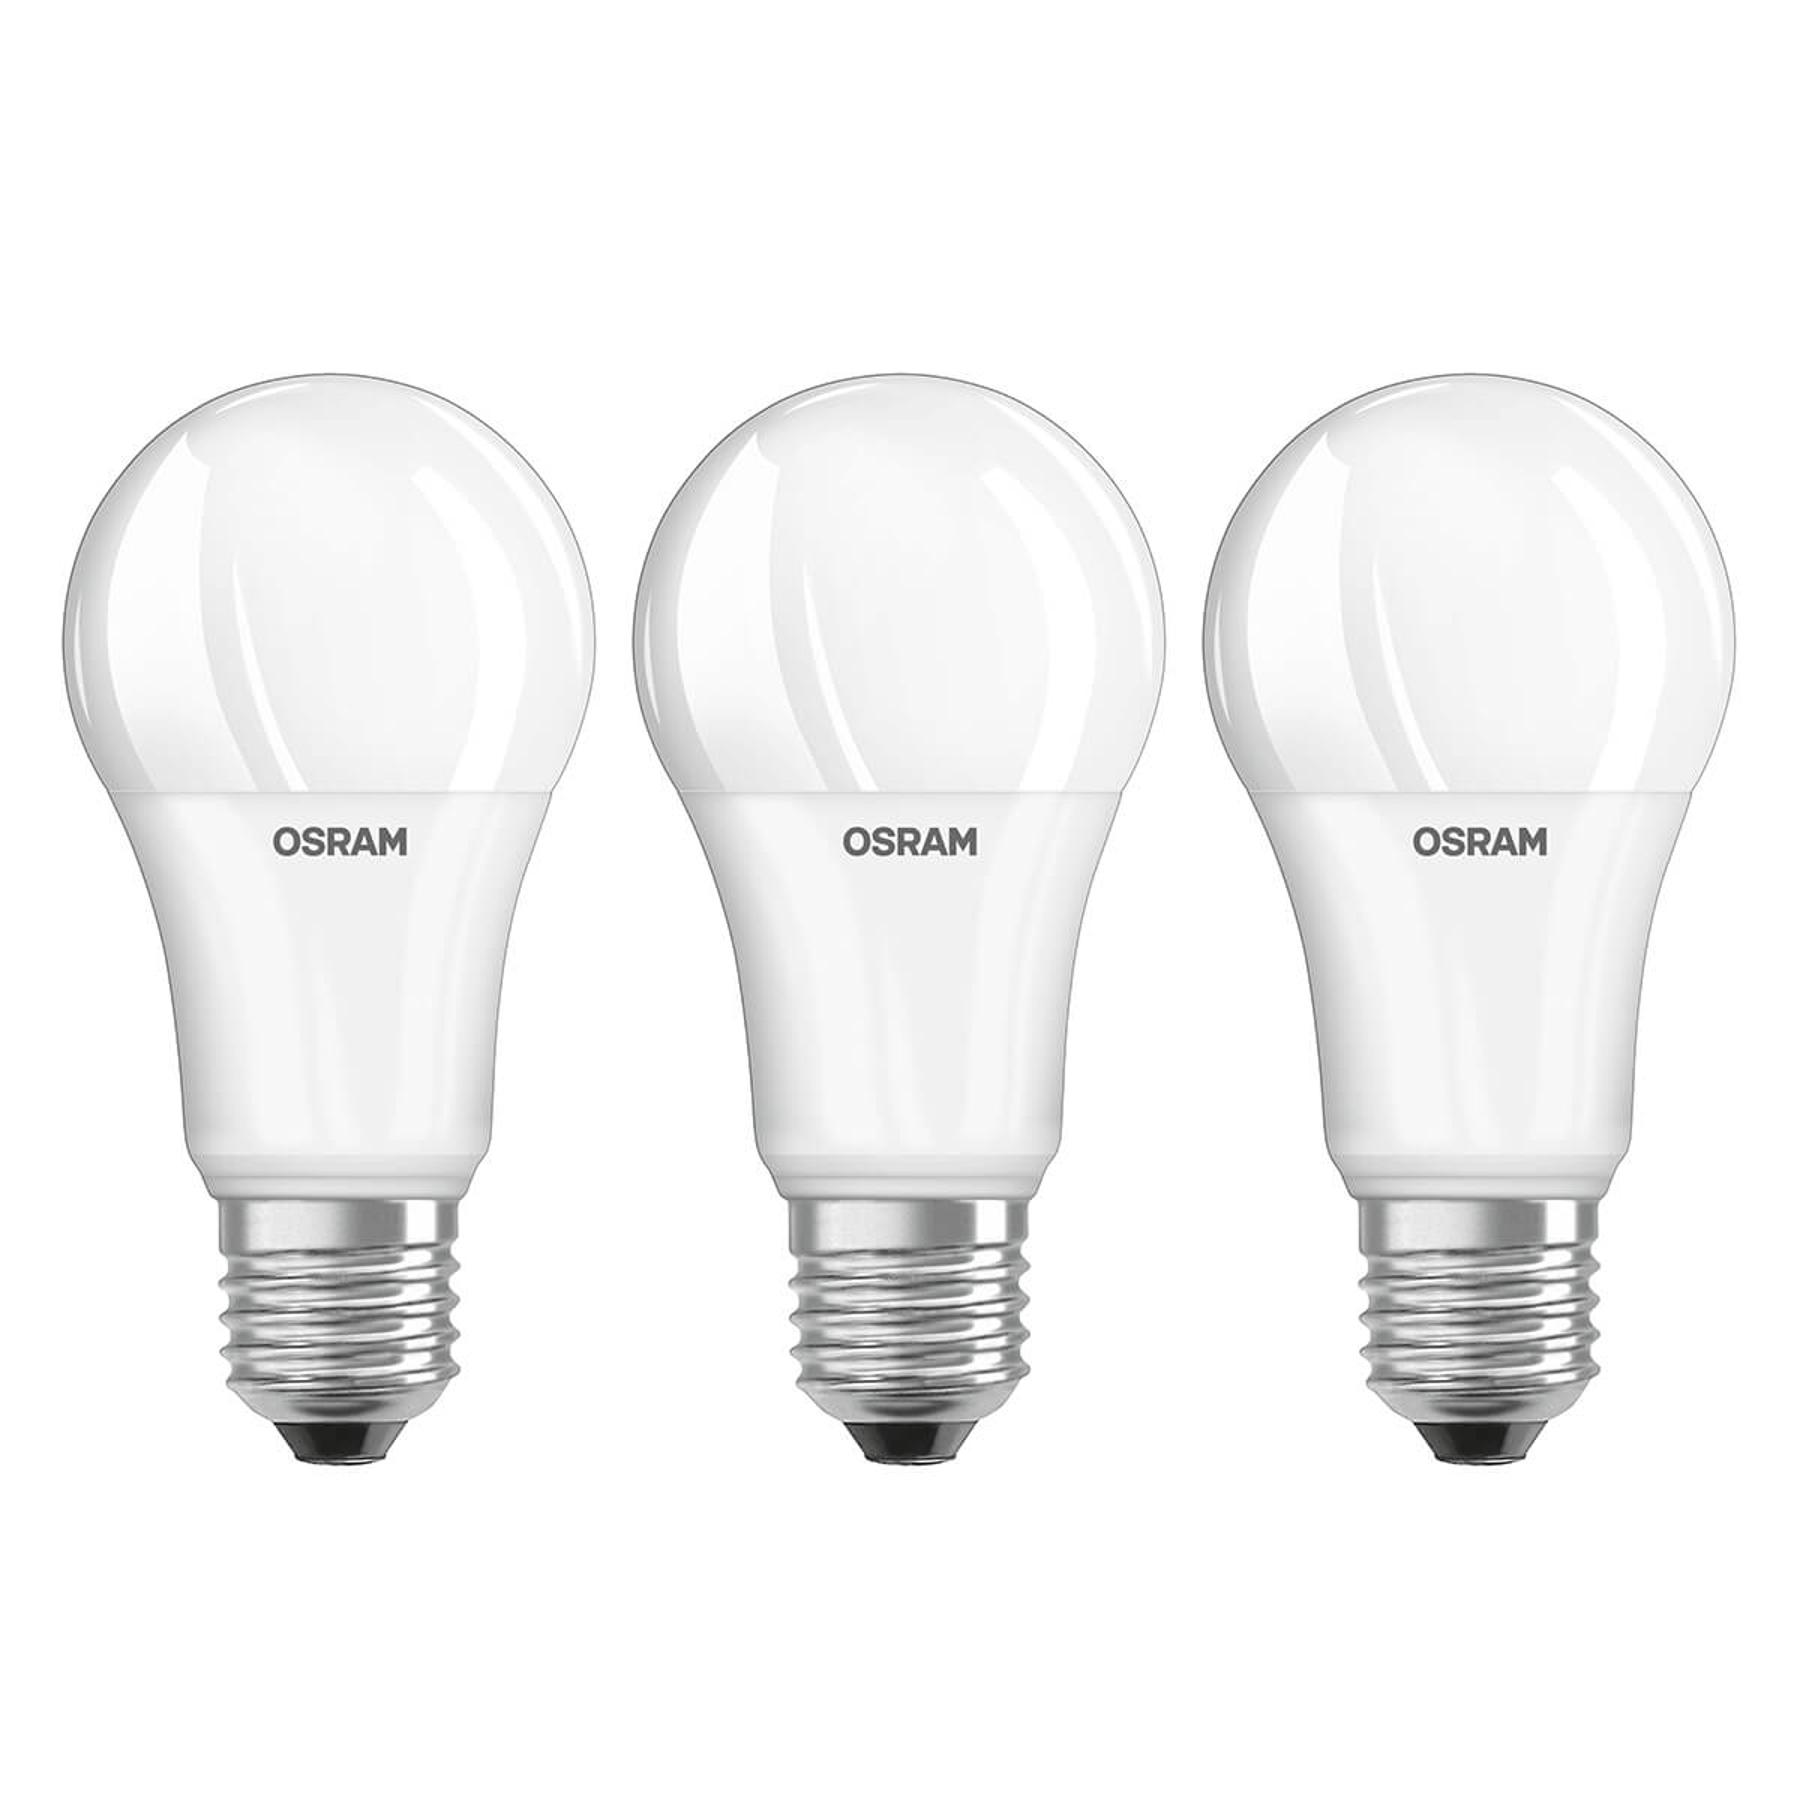 OSRAM LED žárovka E27 13W, bílá, sada 3ks